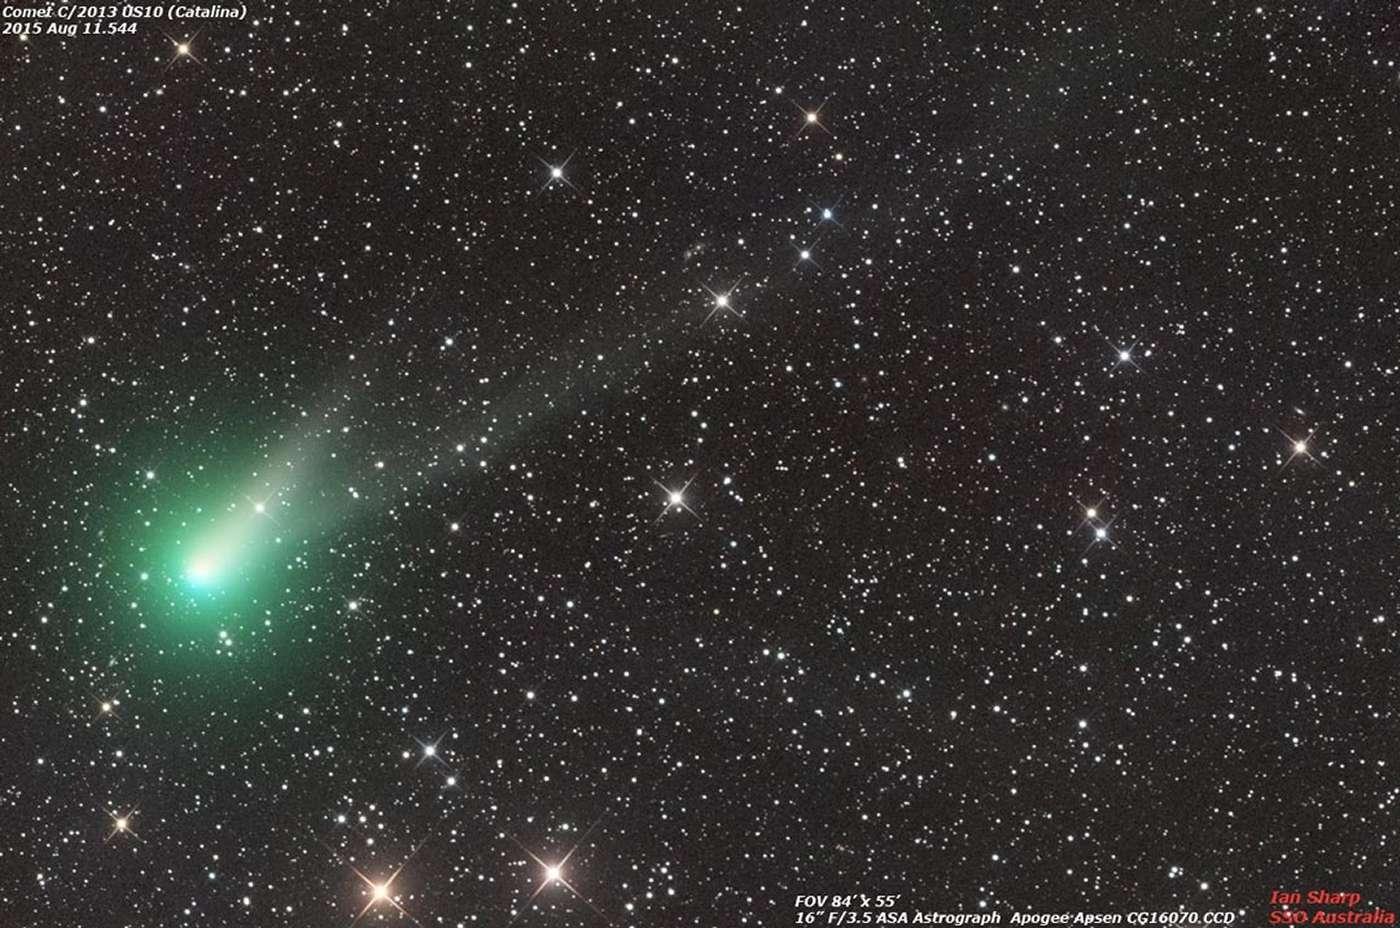 La comète C/2013 US10 Catalina photographiée le 11 août 2013 depuis l'Australie. Le 7 décembre, elle se montrera près de la Lune, de Vénus, de l'astéroïde Junon et de l'étoire Spica. © Ian Sharp